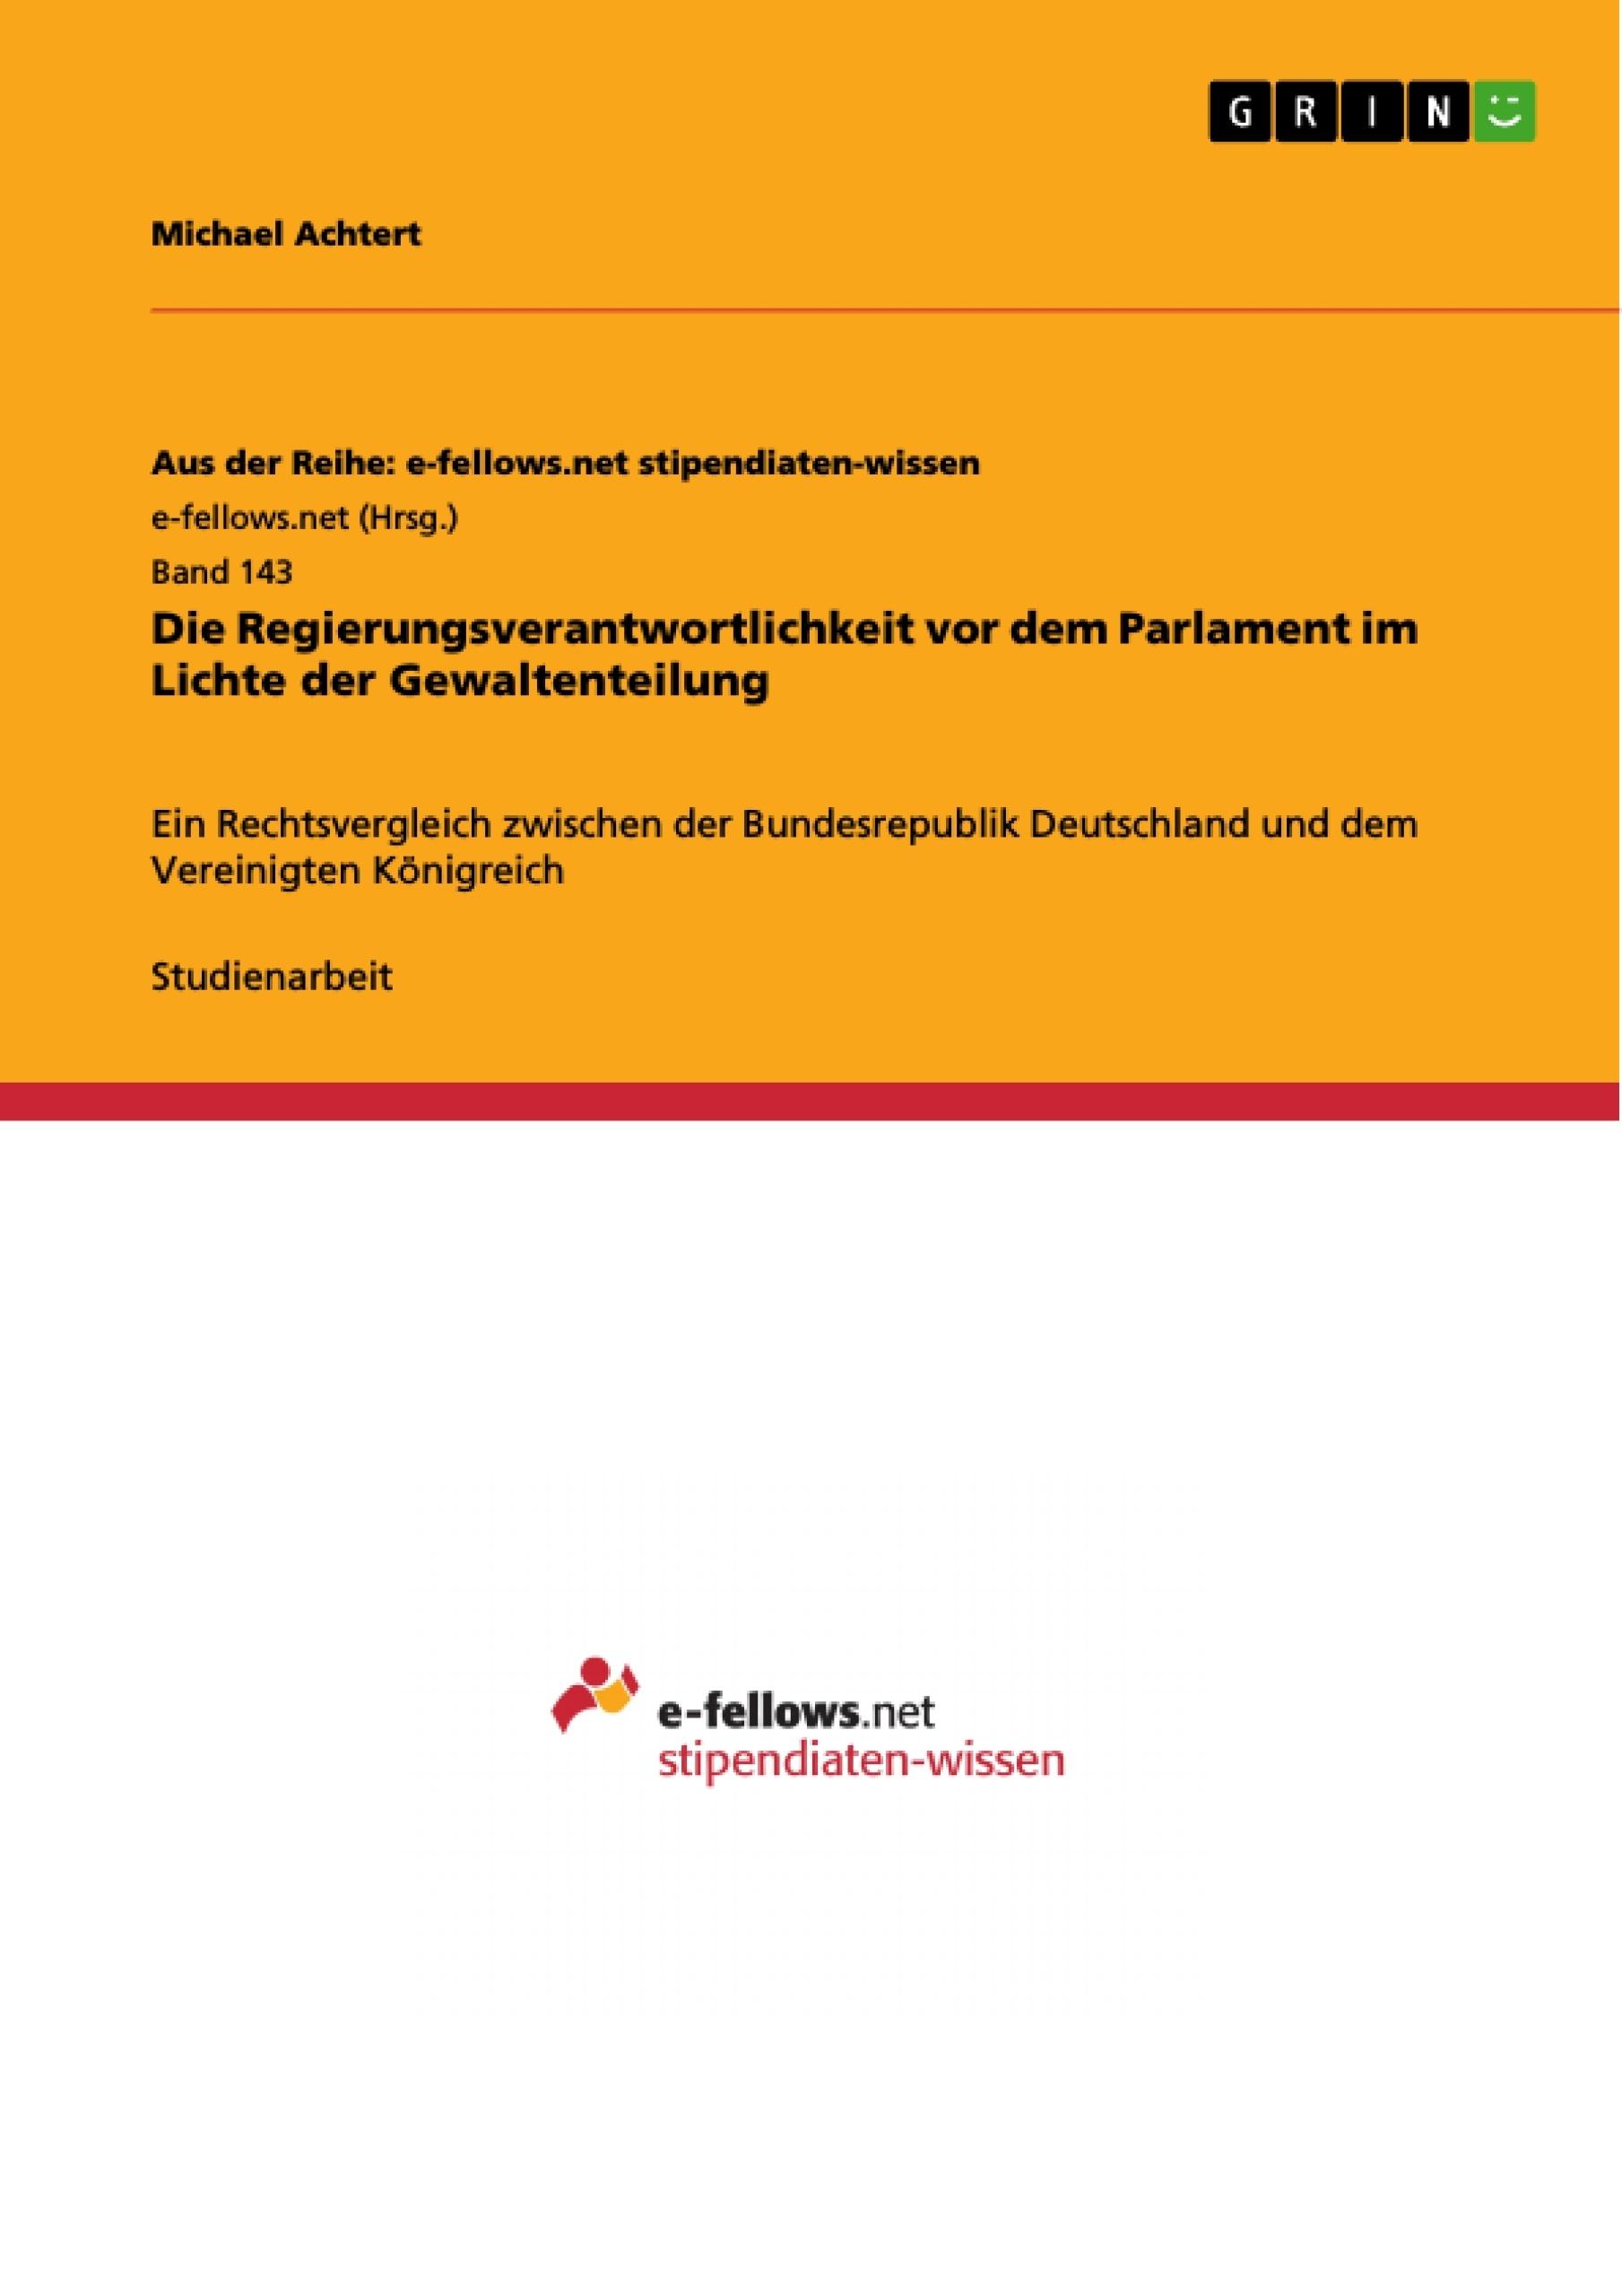 Titel: Die Regierungsverantwortlichkeit vor dem Parlament im Lichte der Gewaltenteilung